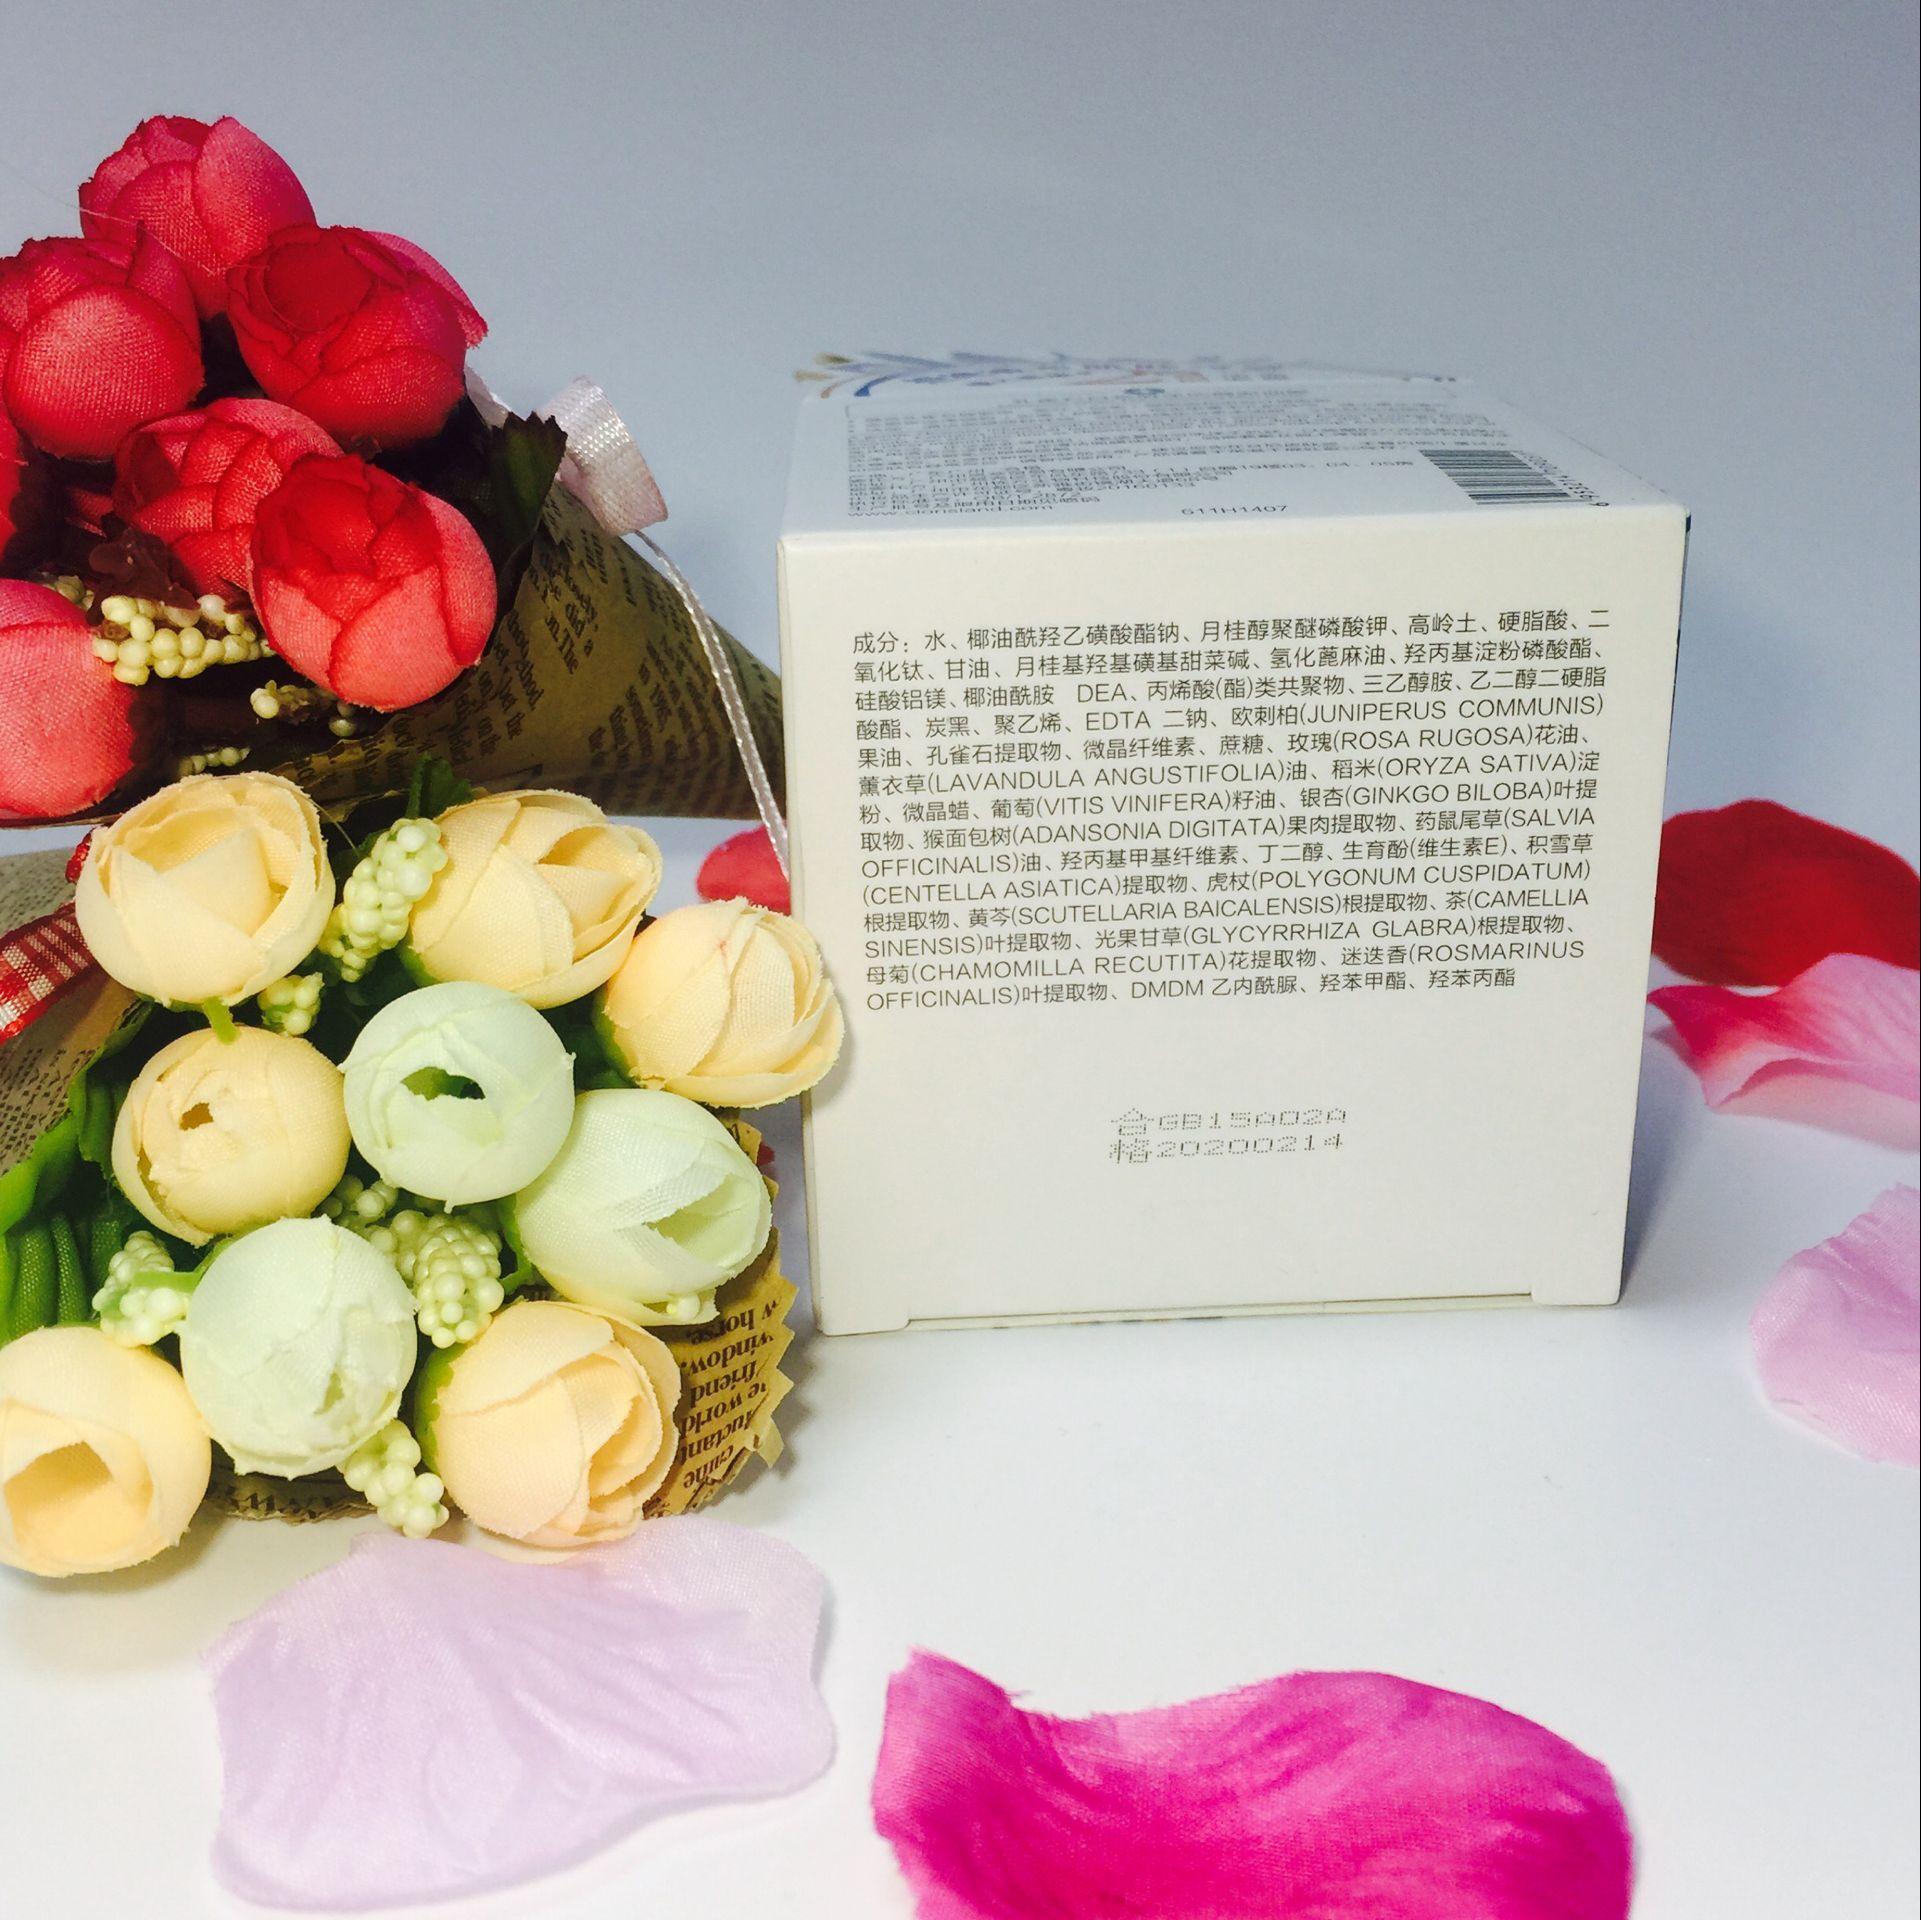 blomster af xi kou malakit hvid te rensning af udrensning mudder maske 100 g aktivt kul dybt blackhead akne hud